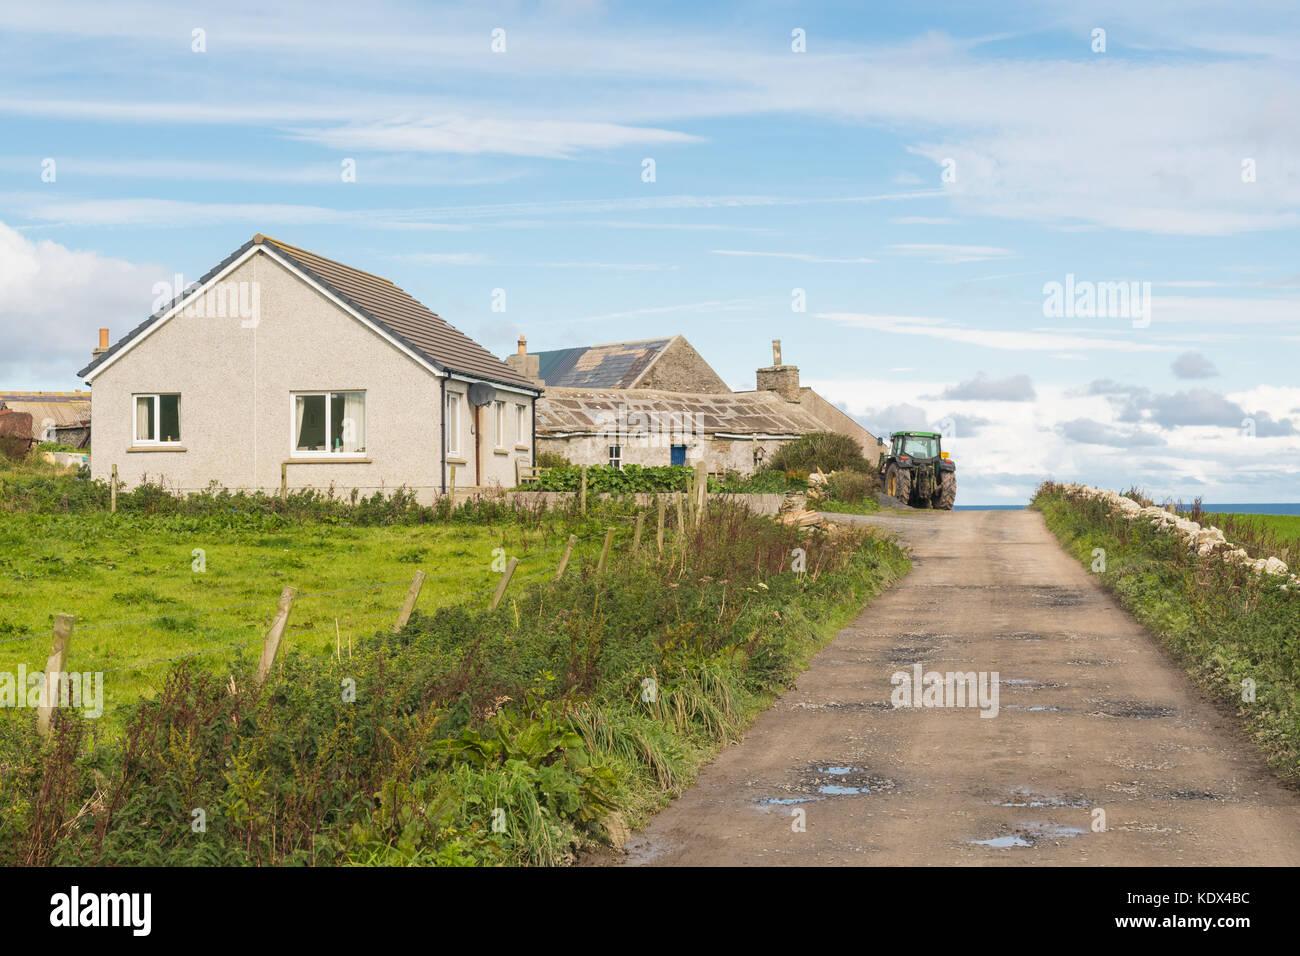 Caja de orkney - nuevas y antiguas casas de westray - bungalow moderna y antigua casa de piedra con tejados de pizarra Imagen De Stock